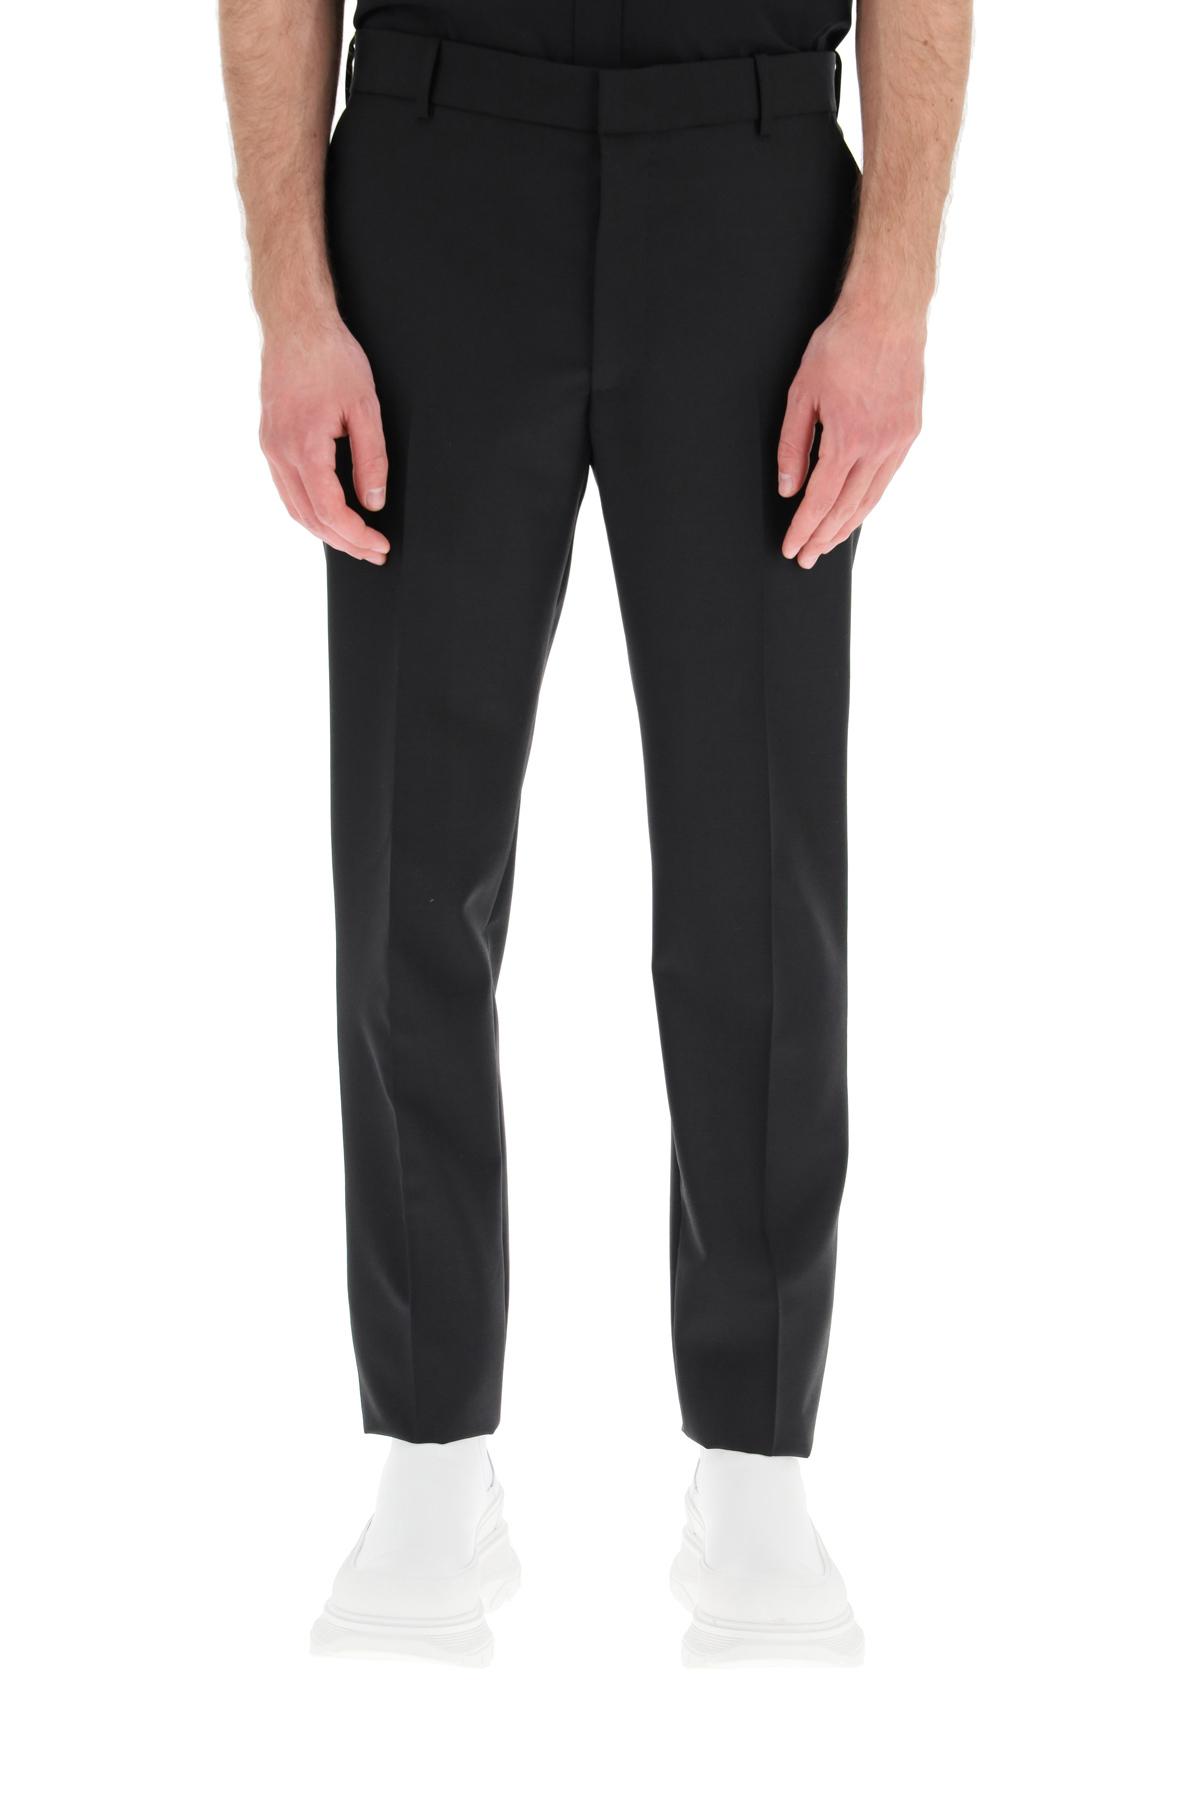 Neil barrett jeans skinny fit